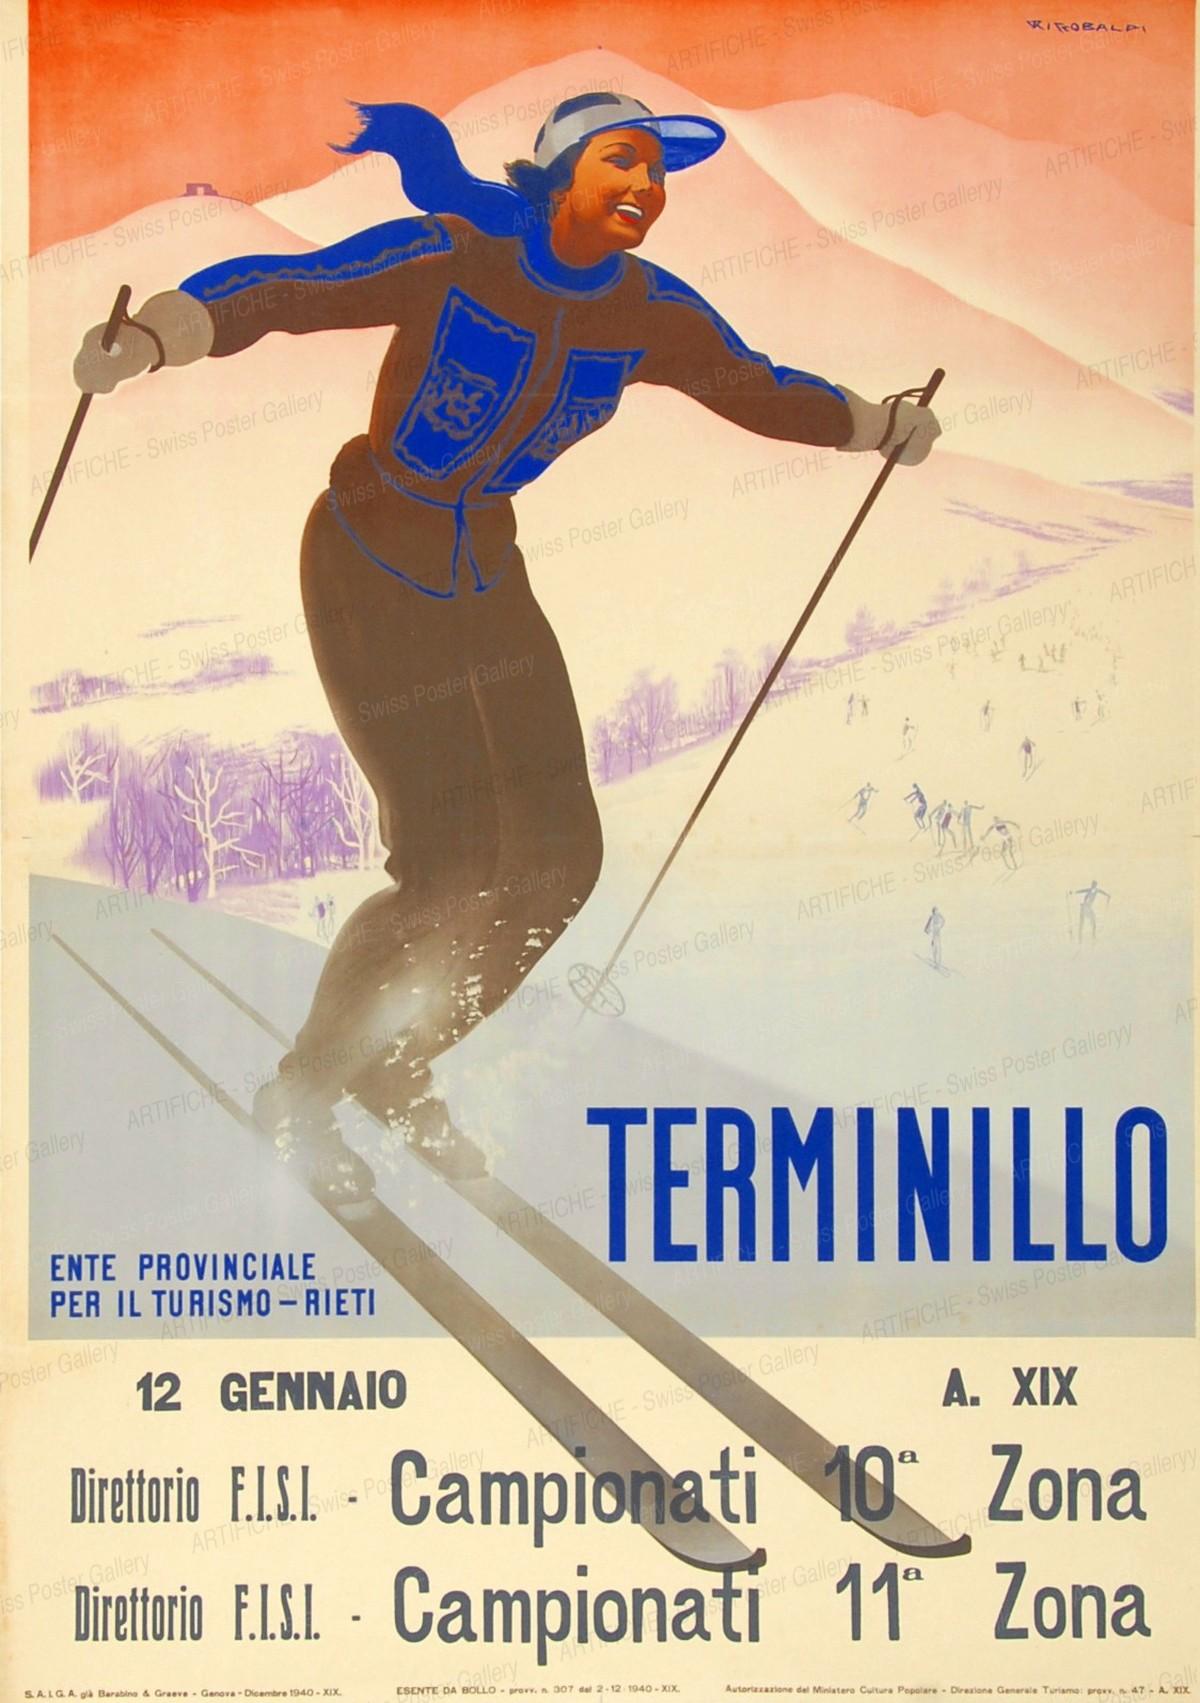 Terminillo, Giuseppe Riccobaldi